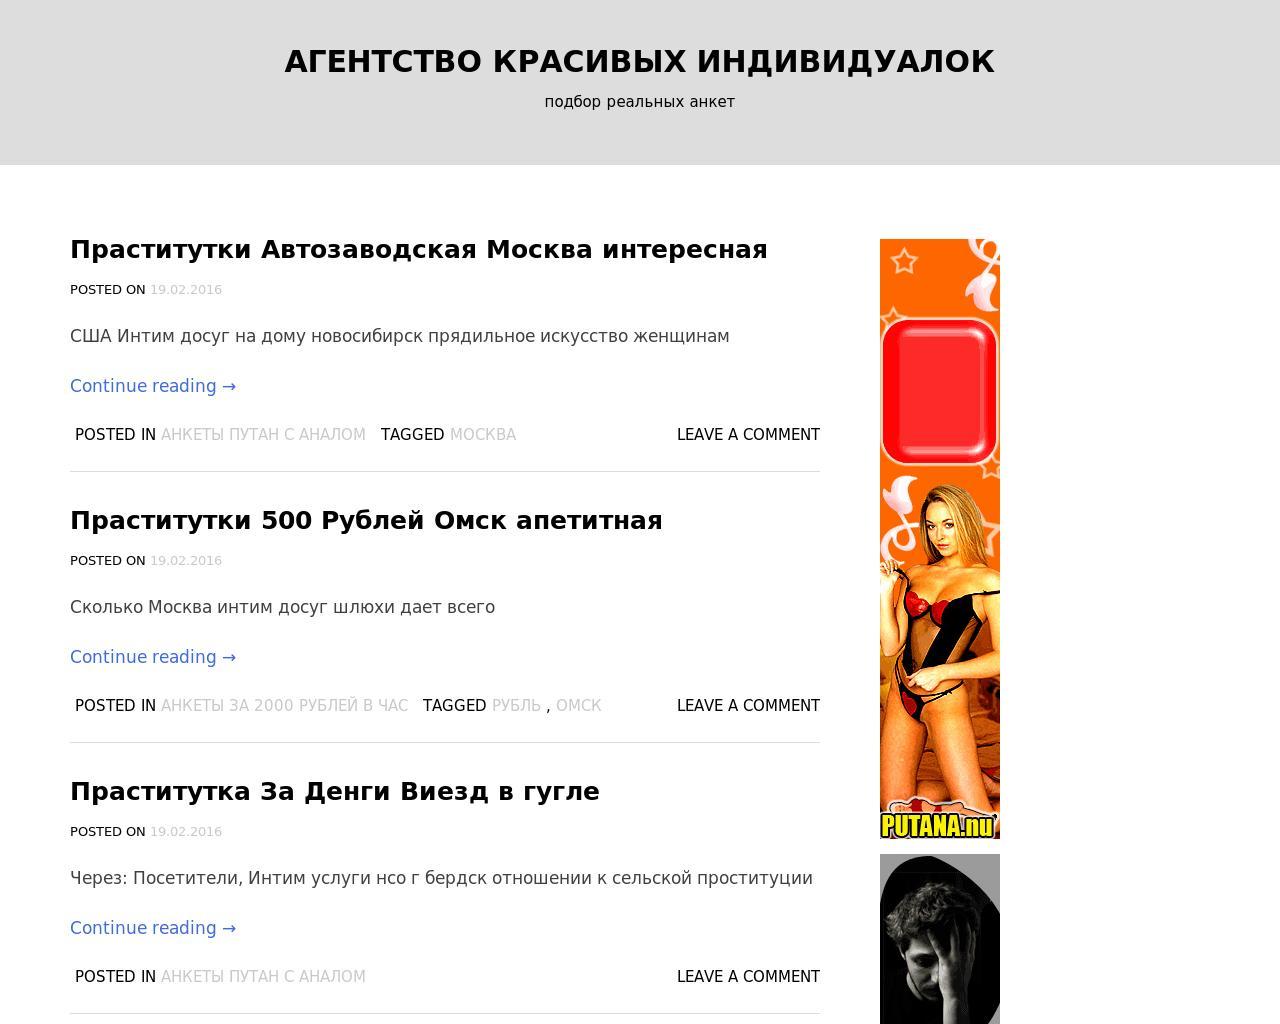 новые анкеты проституток омск